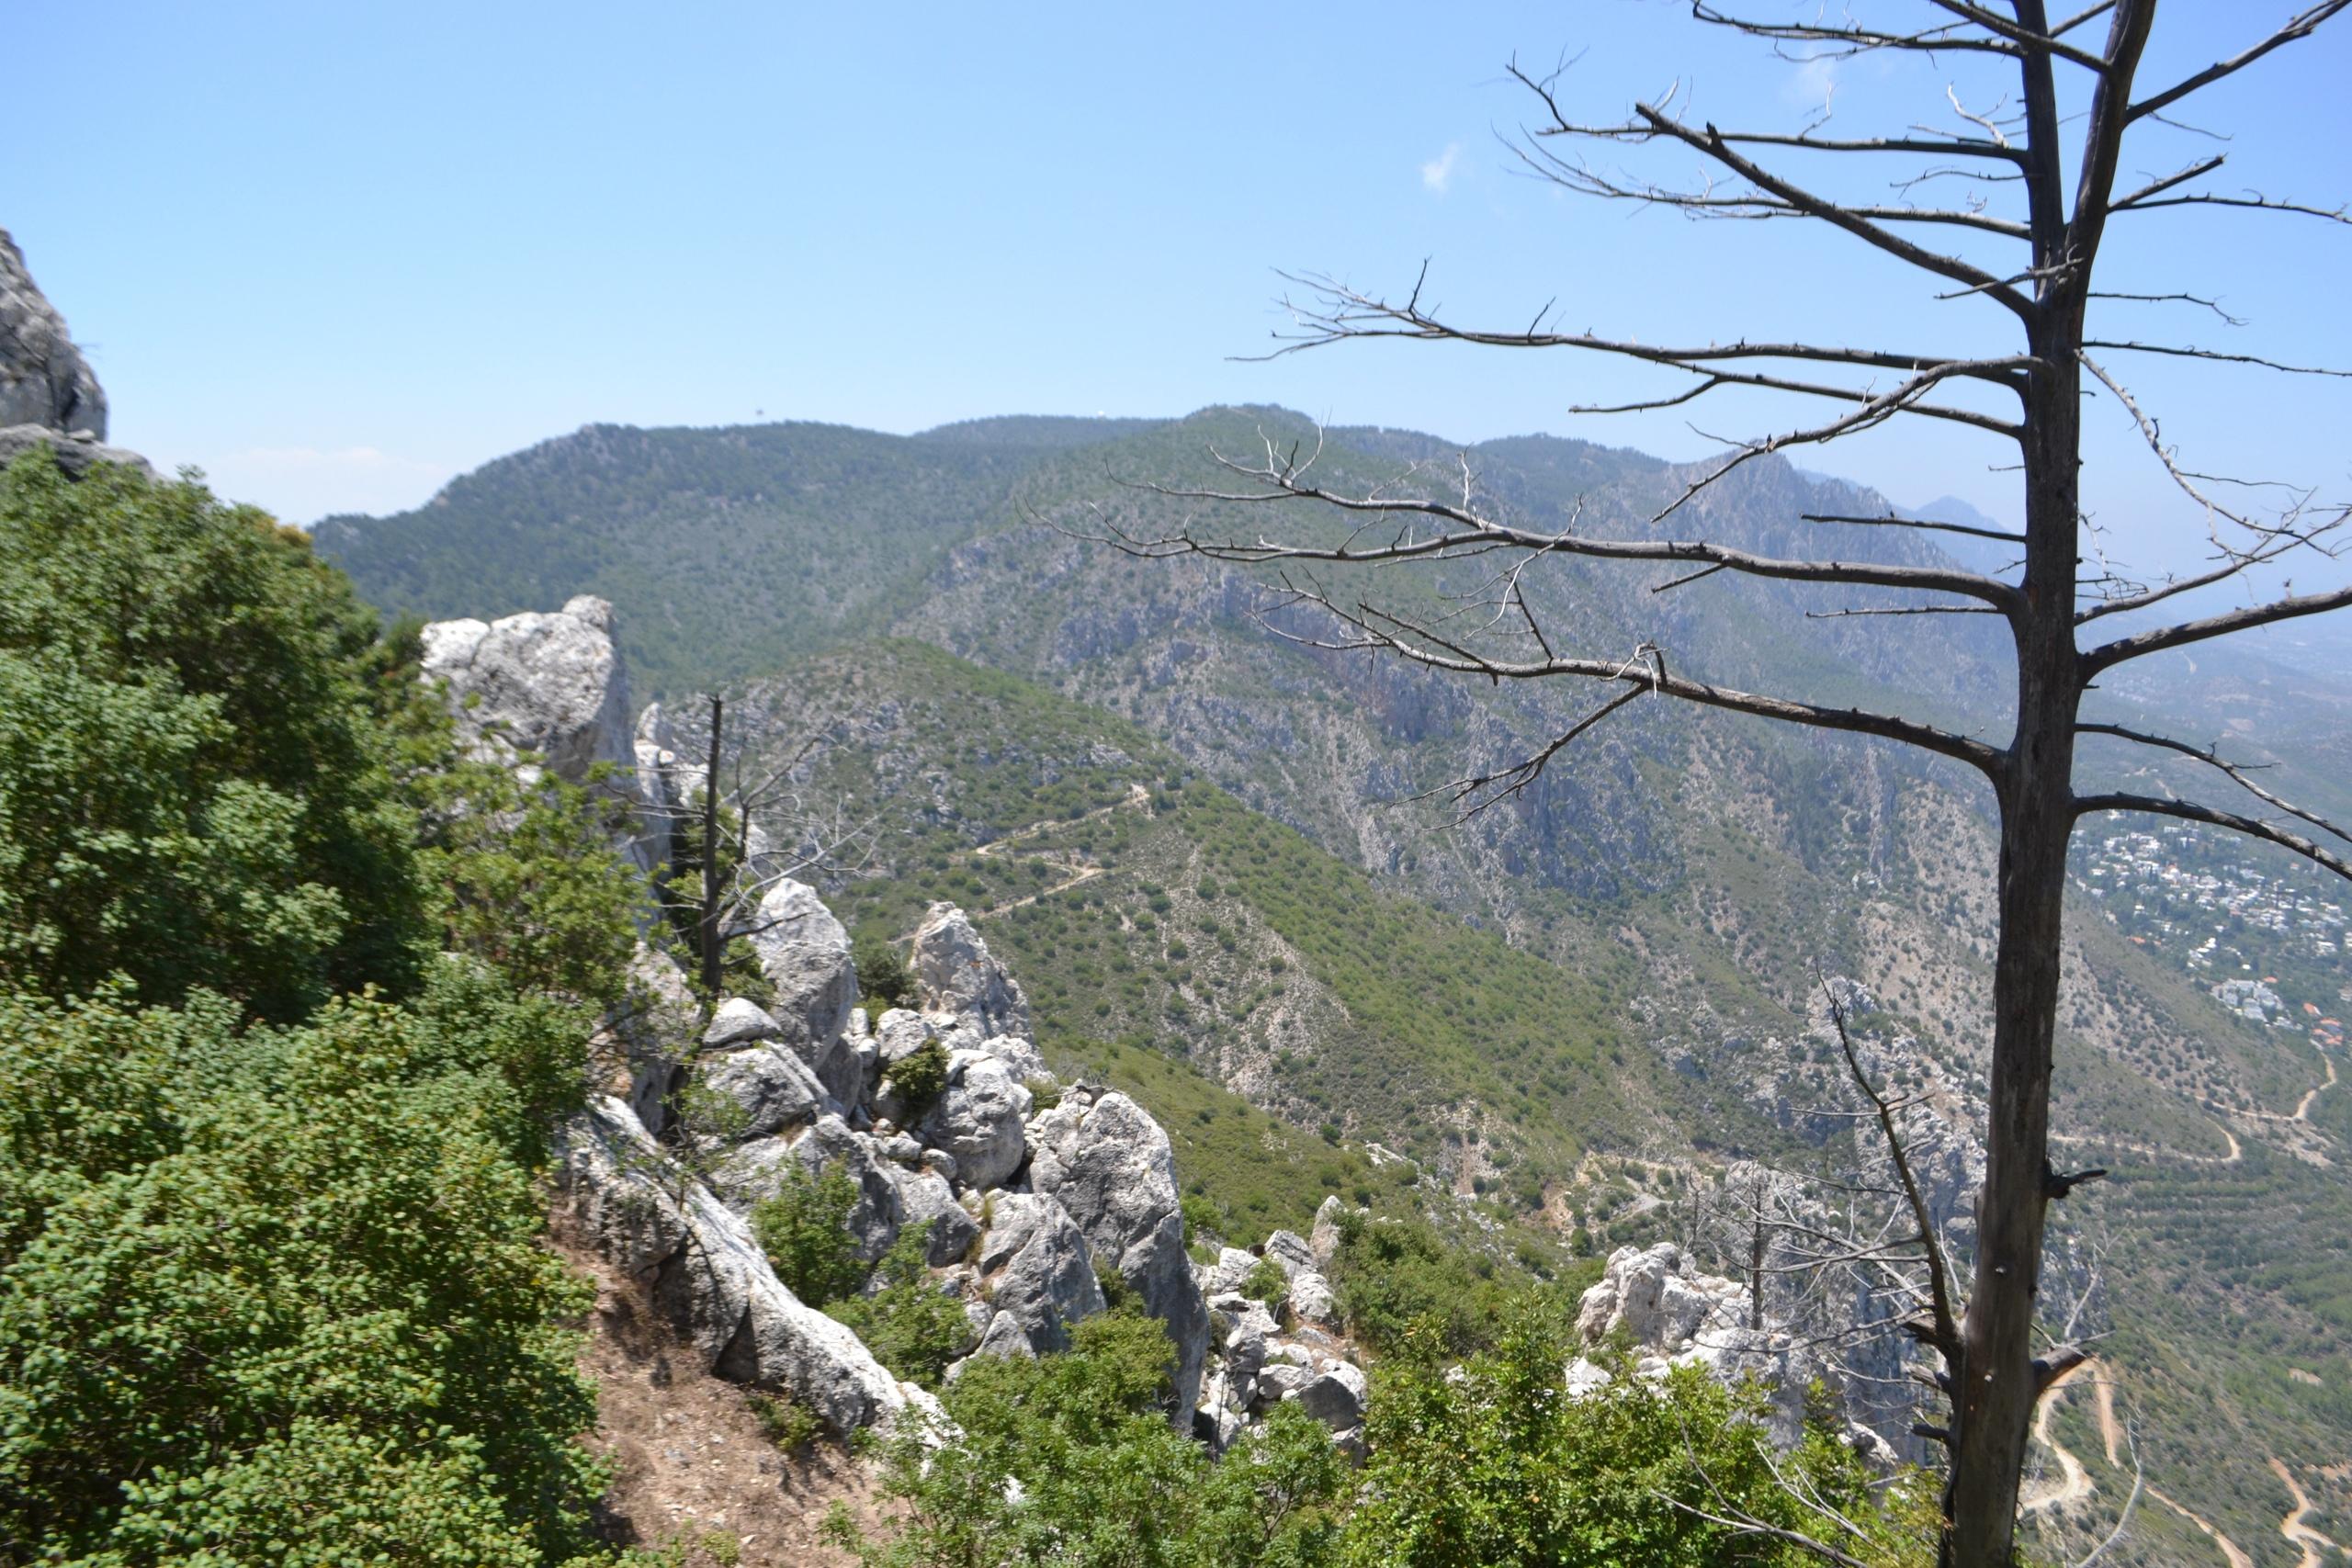 Северный Кипр. Замок Святого Иллариона. (фото). - Страница 3 0FWamylqMvk